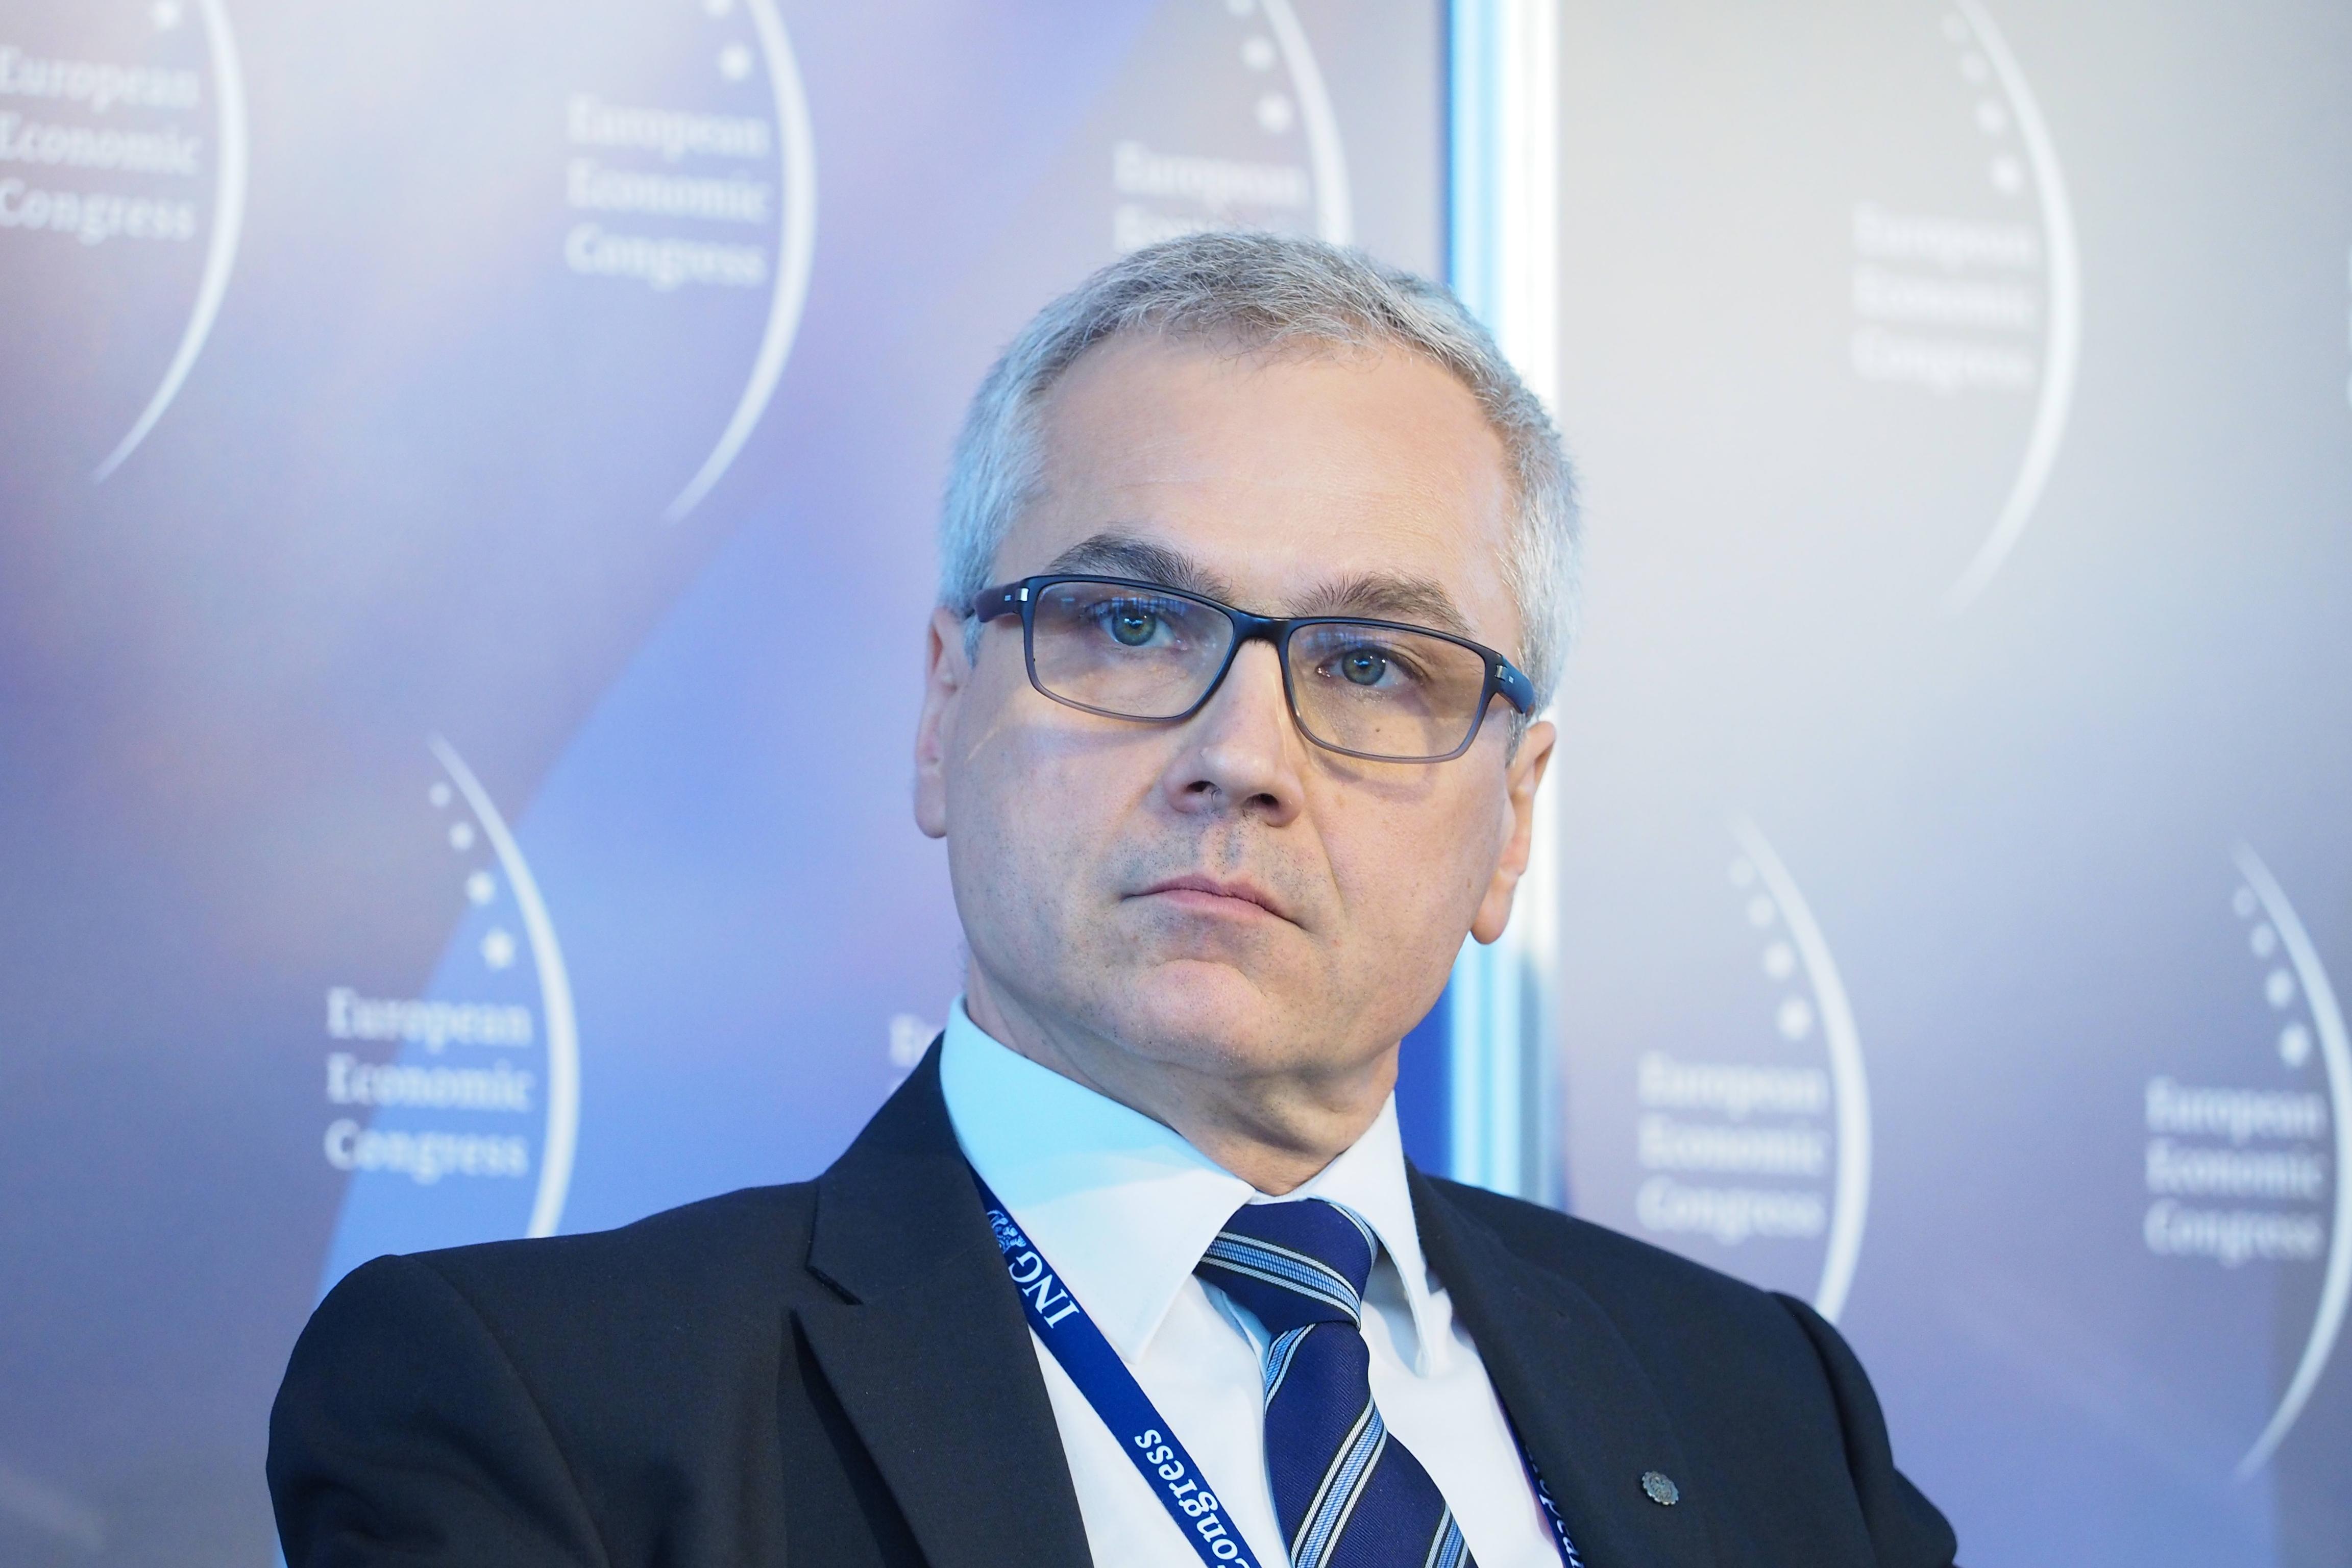 Arkadiusz Mężyk, rektor Politechniki Śląskiej (Fot. PTWP)